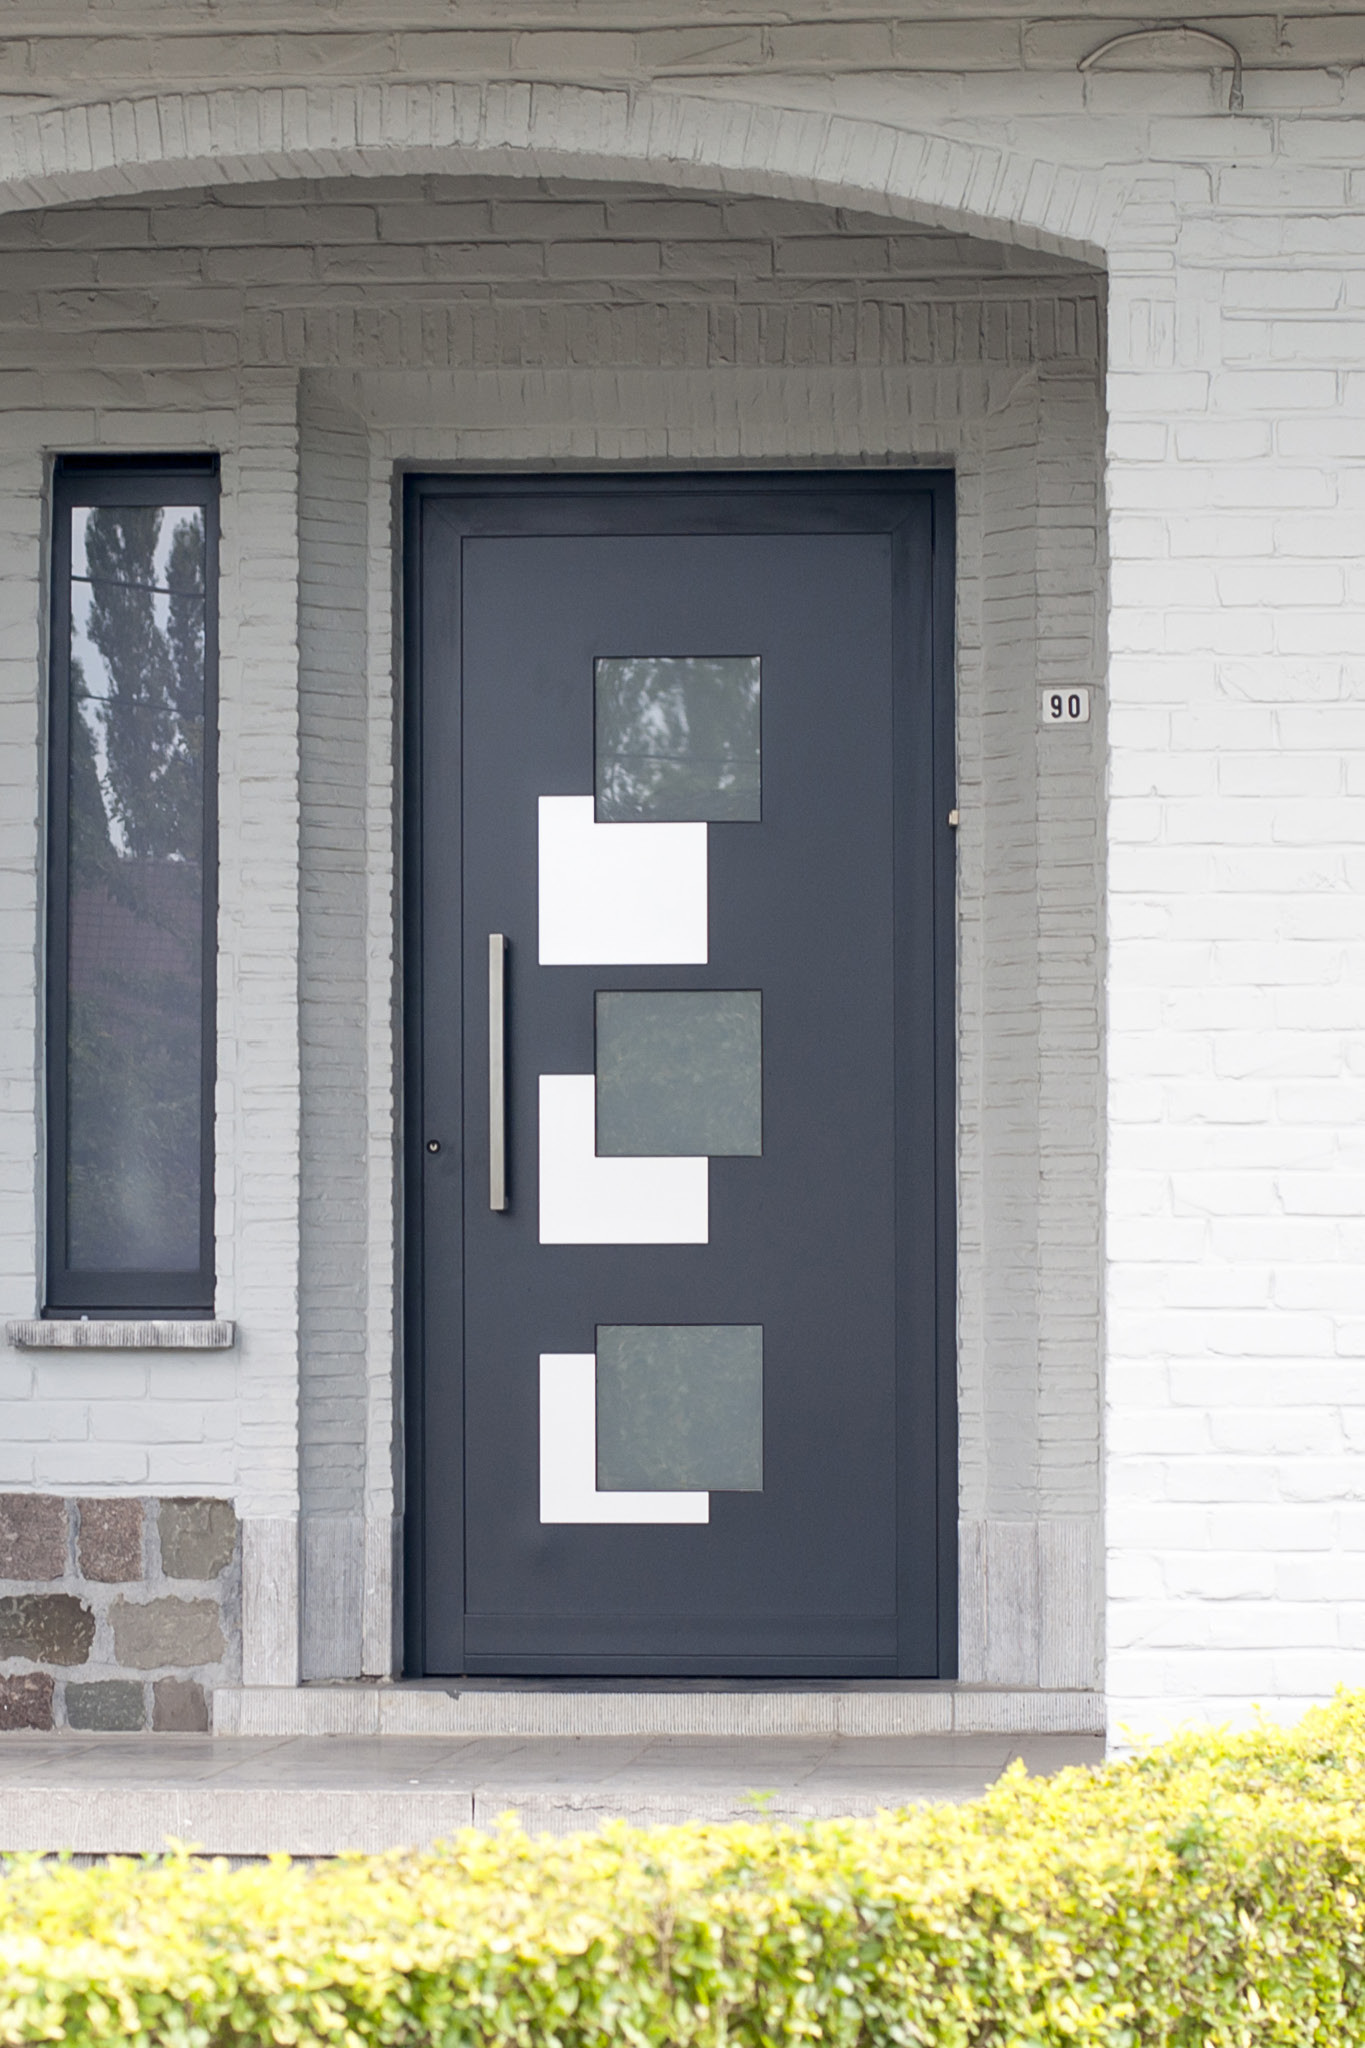 Porte d'entrée de maison : Voici la gamme Solinox